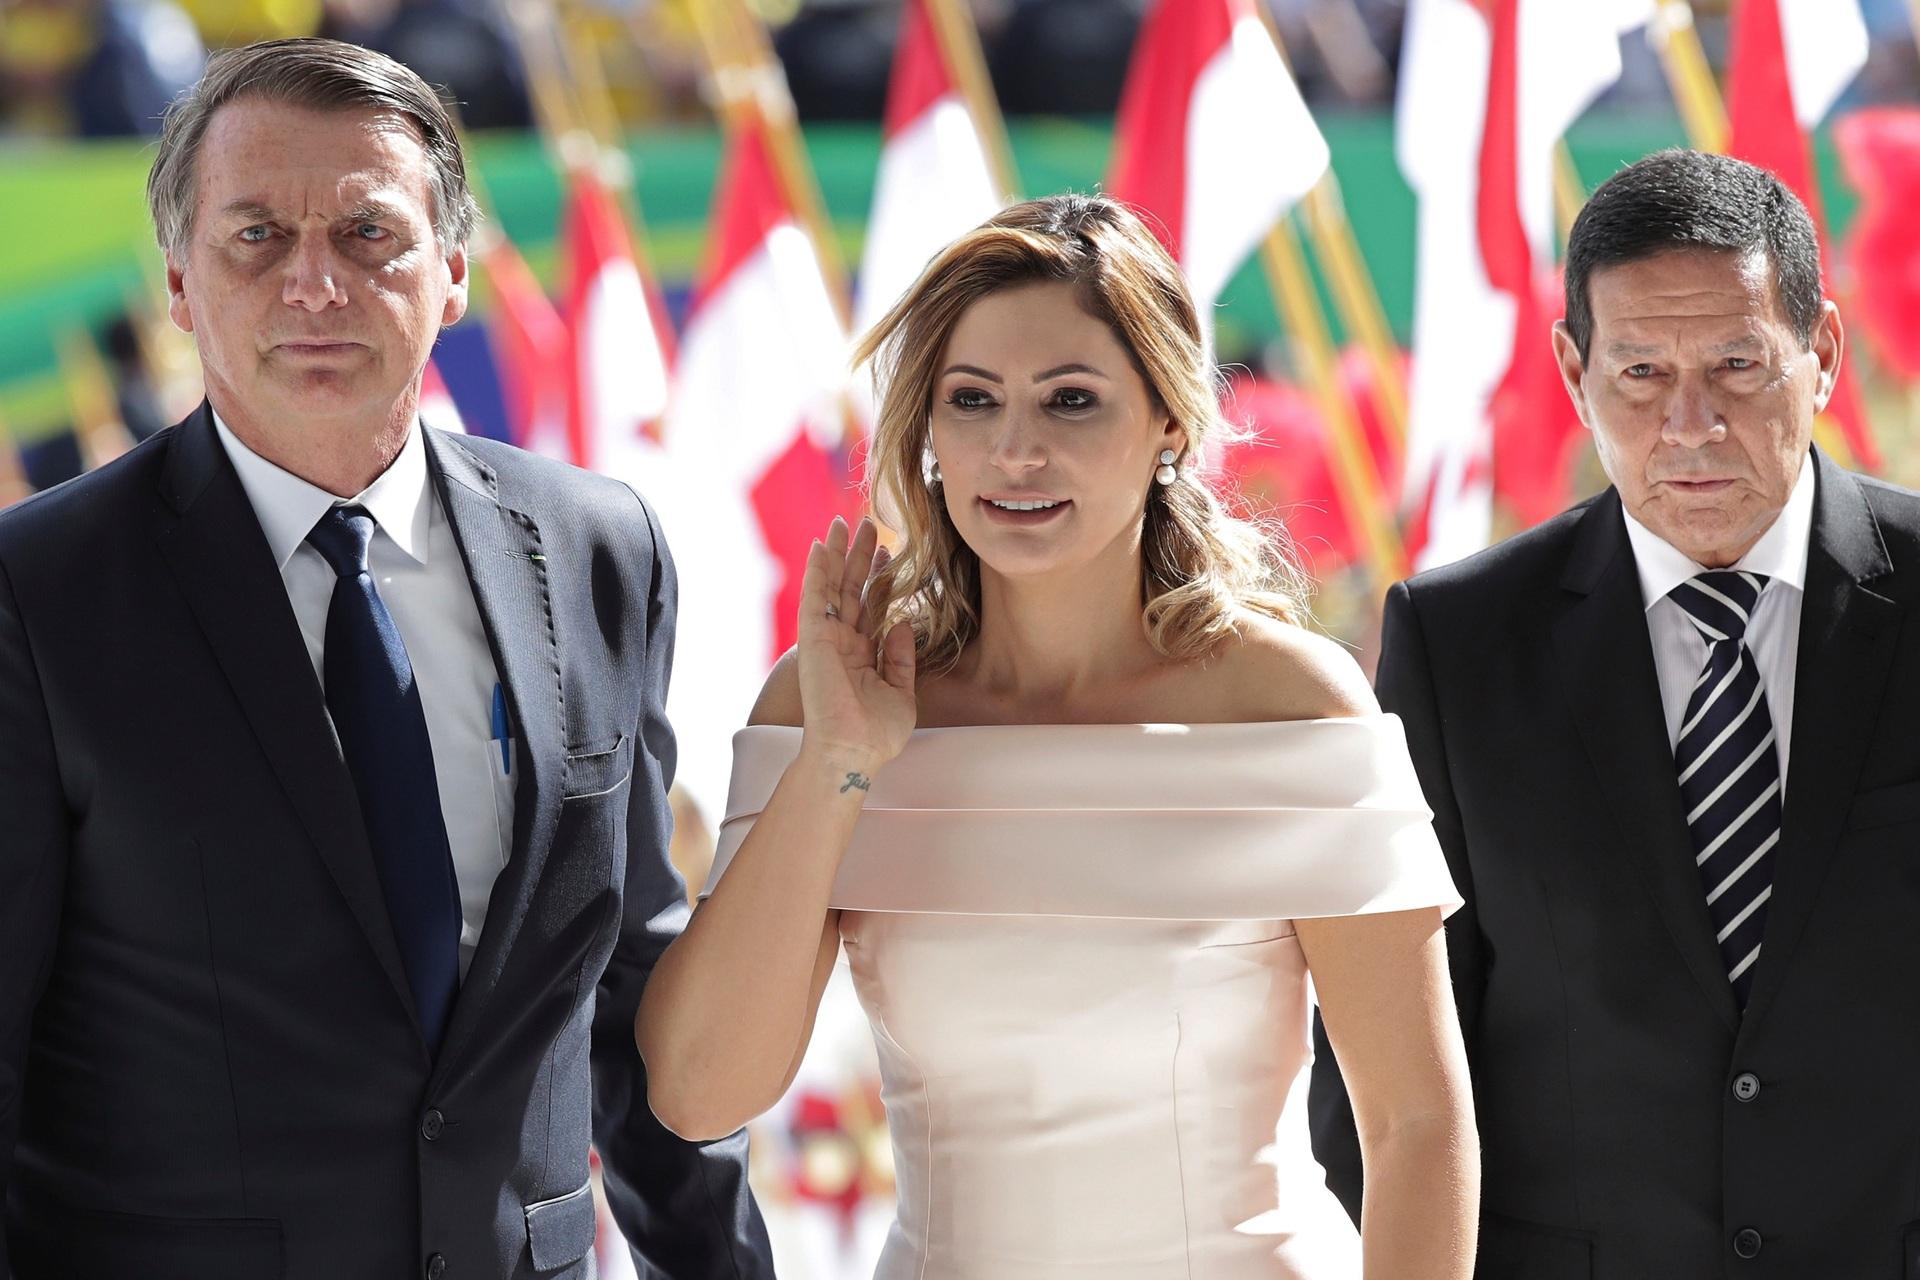 Bolsonaro sworn in as Brazil's president